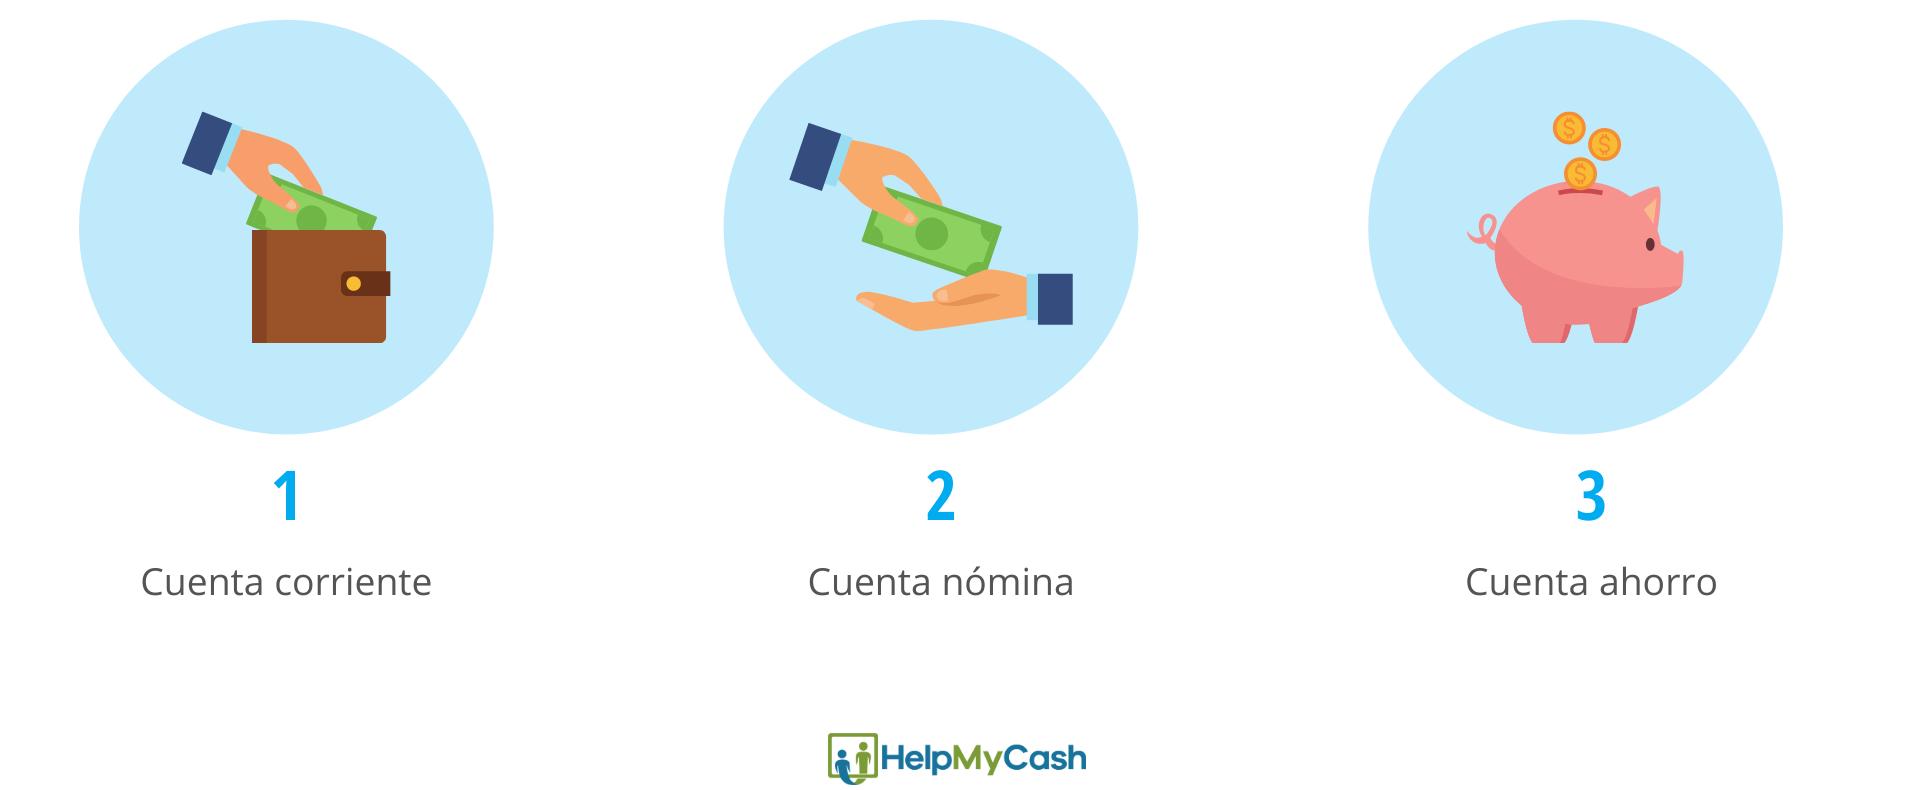 tipos de cuentas bancarias online: 1- cuenta corriente. 2- cuenta nómina. 3- cuenta ahorro